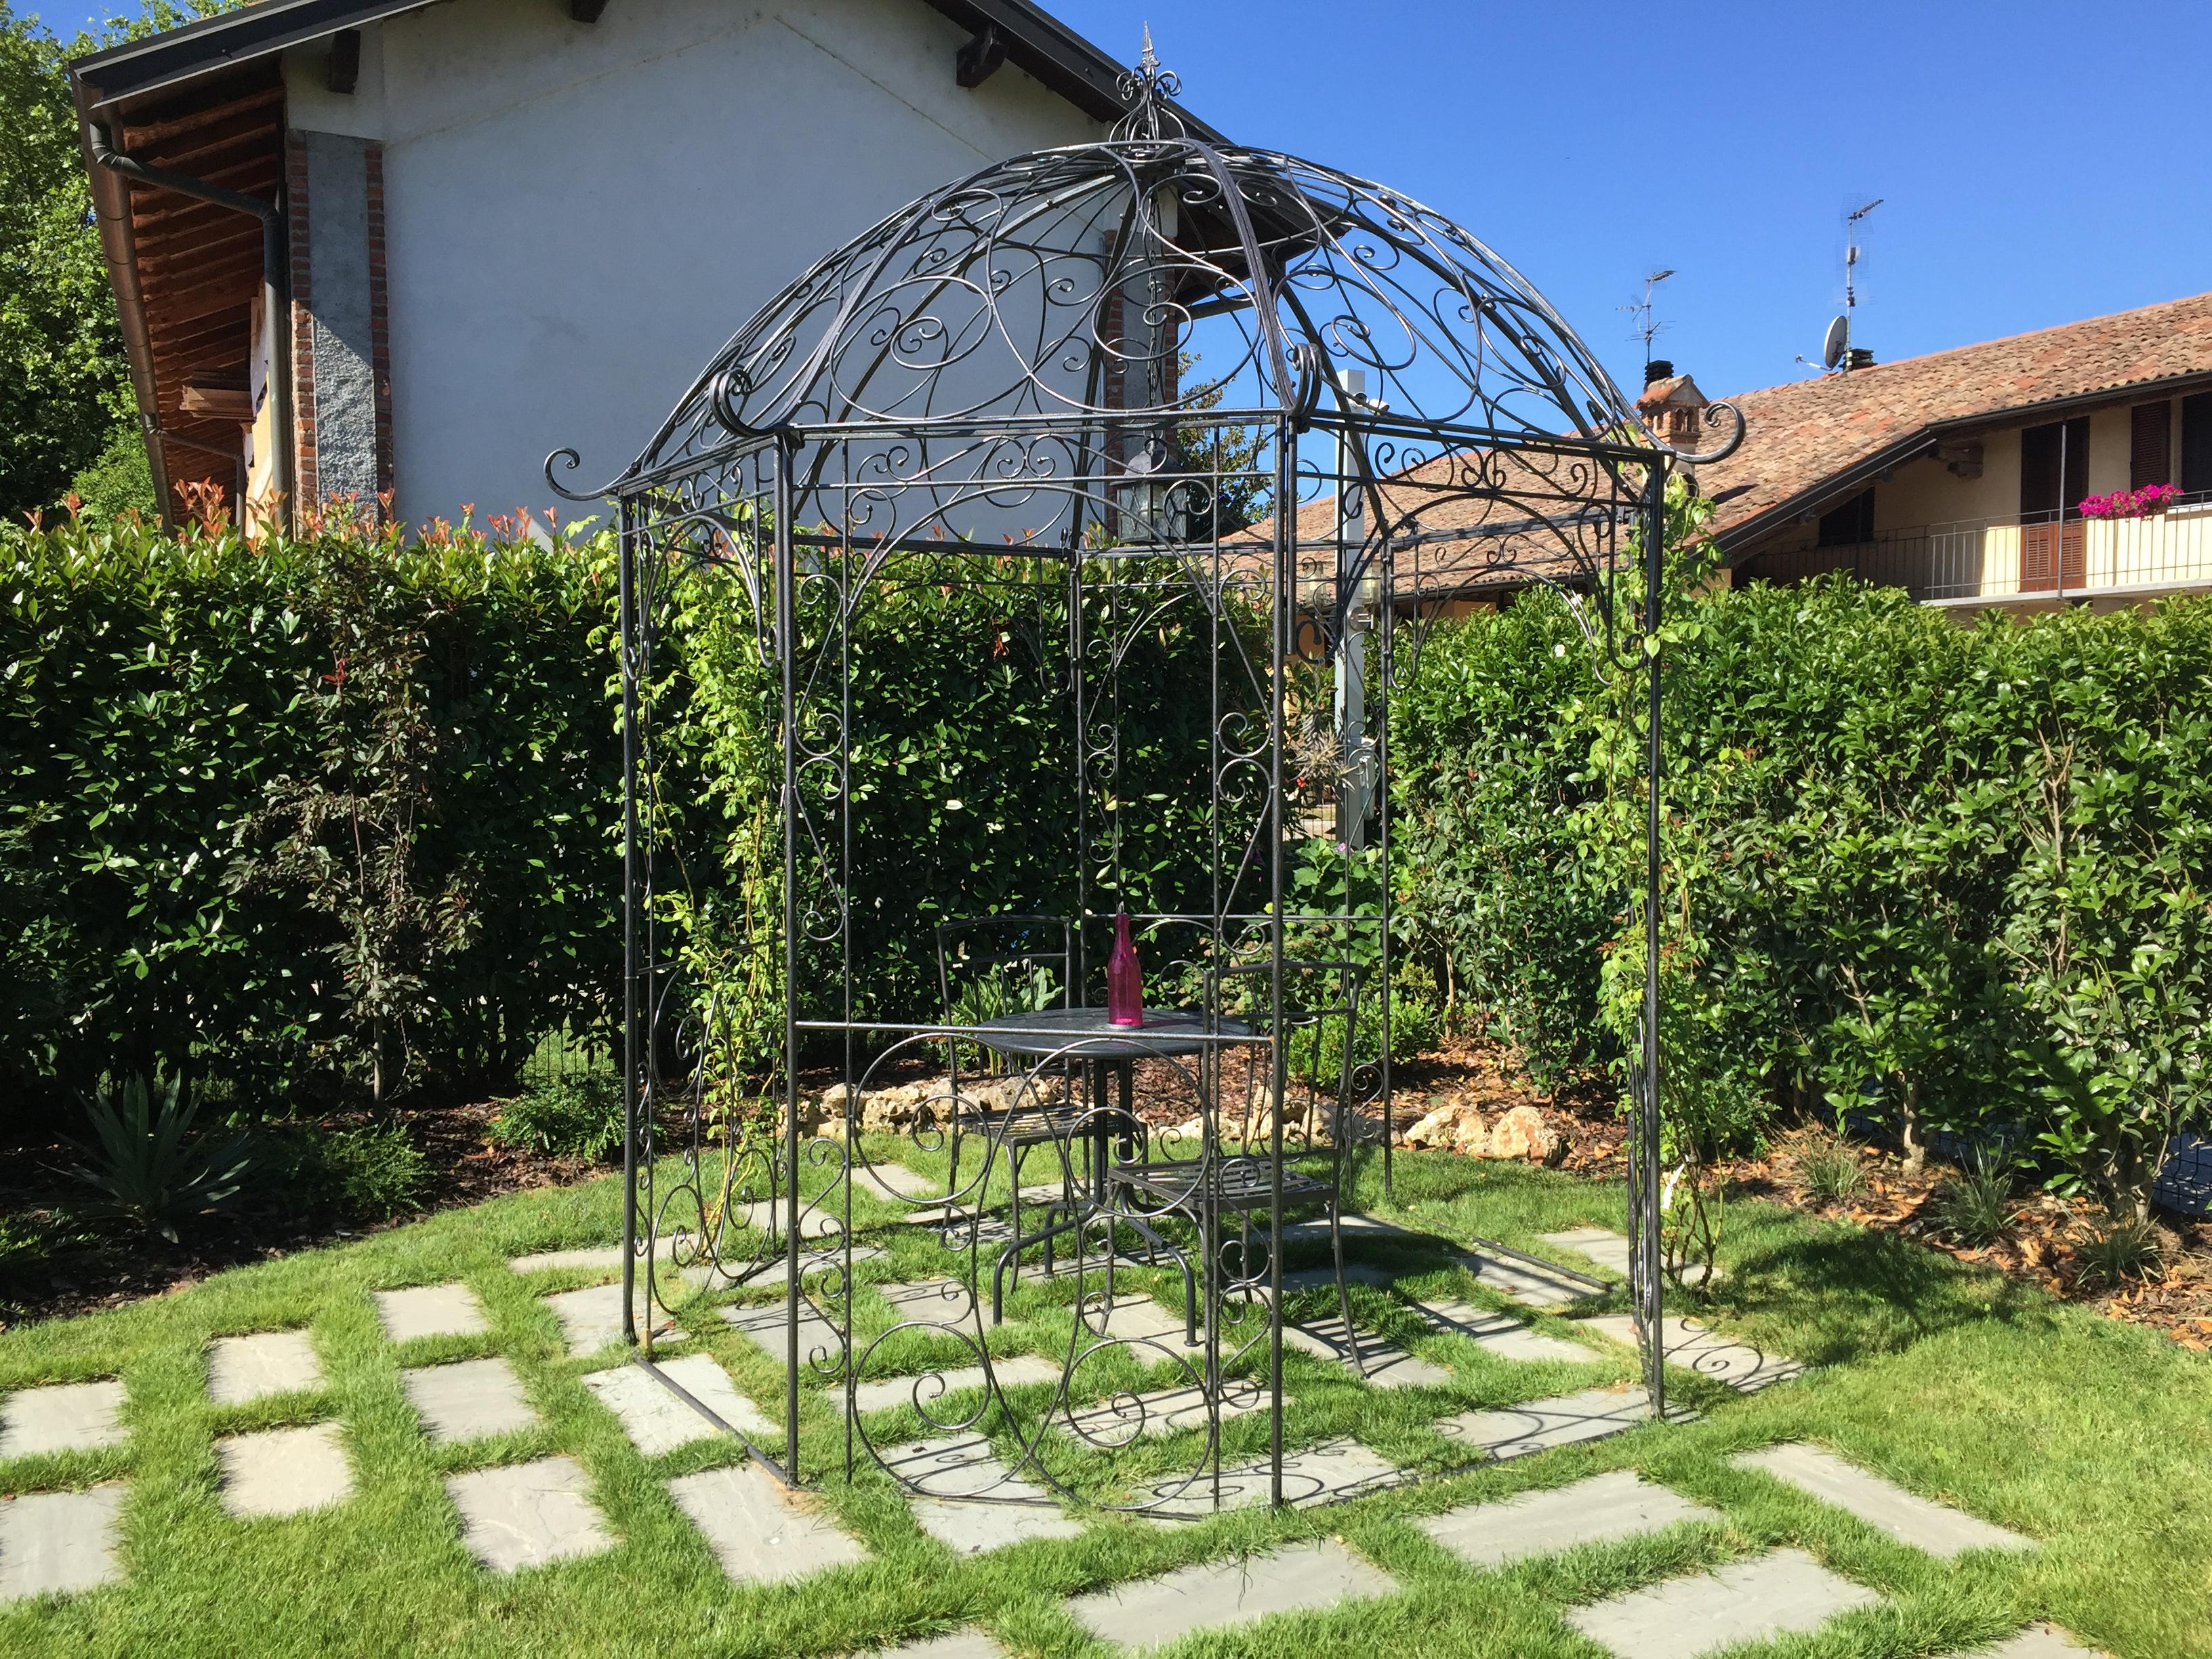 Progettare il verde realizza giardini